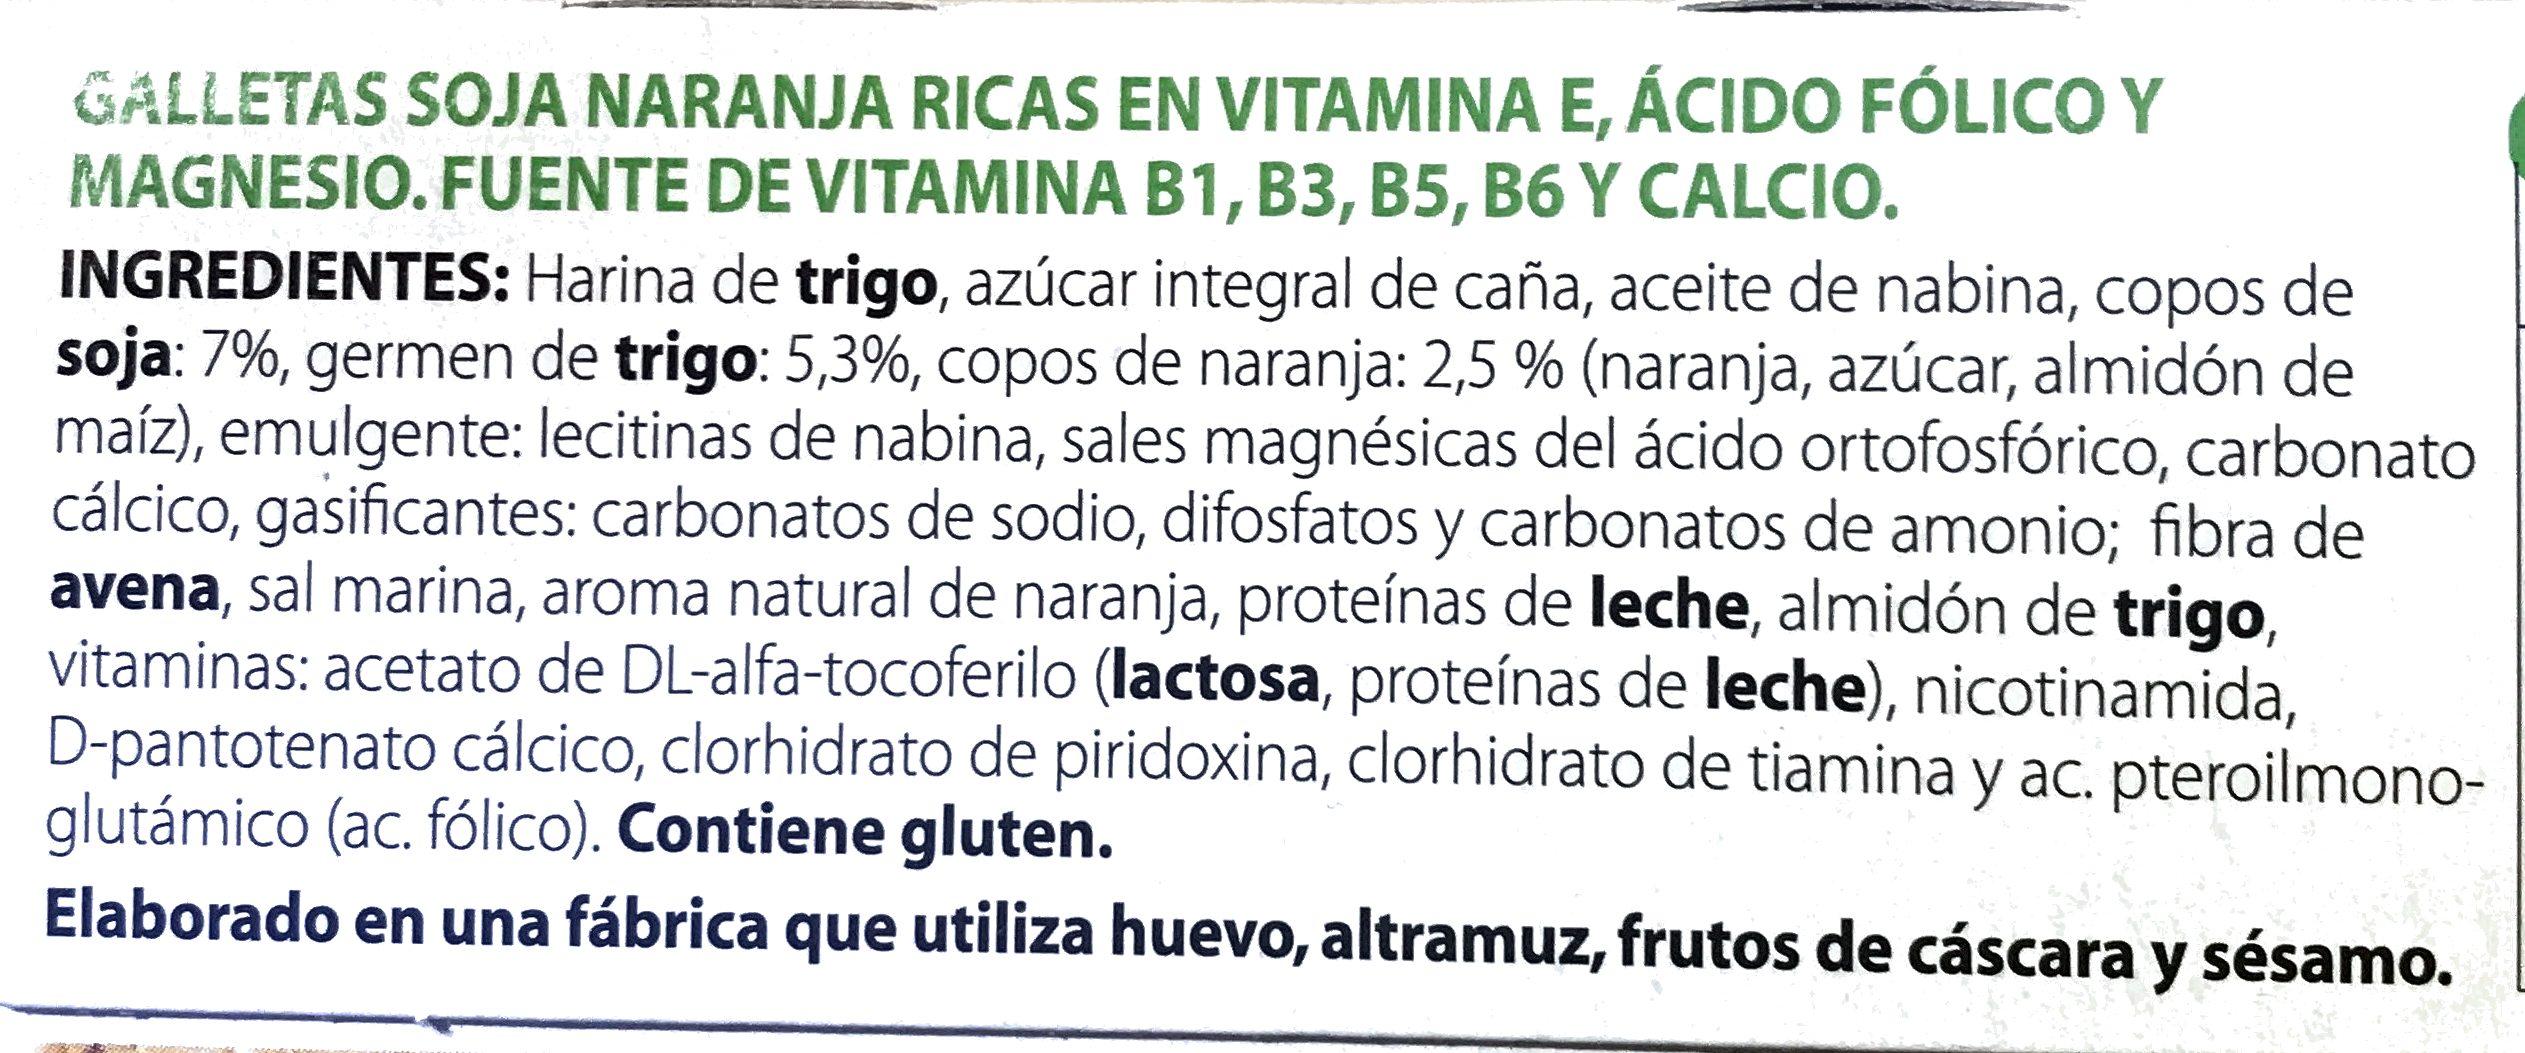 Galletas de soja y naranja - Ingredientes